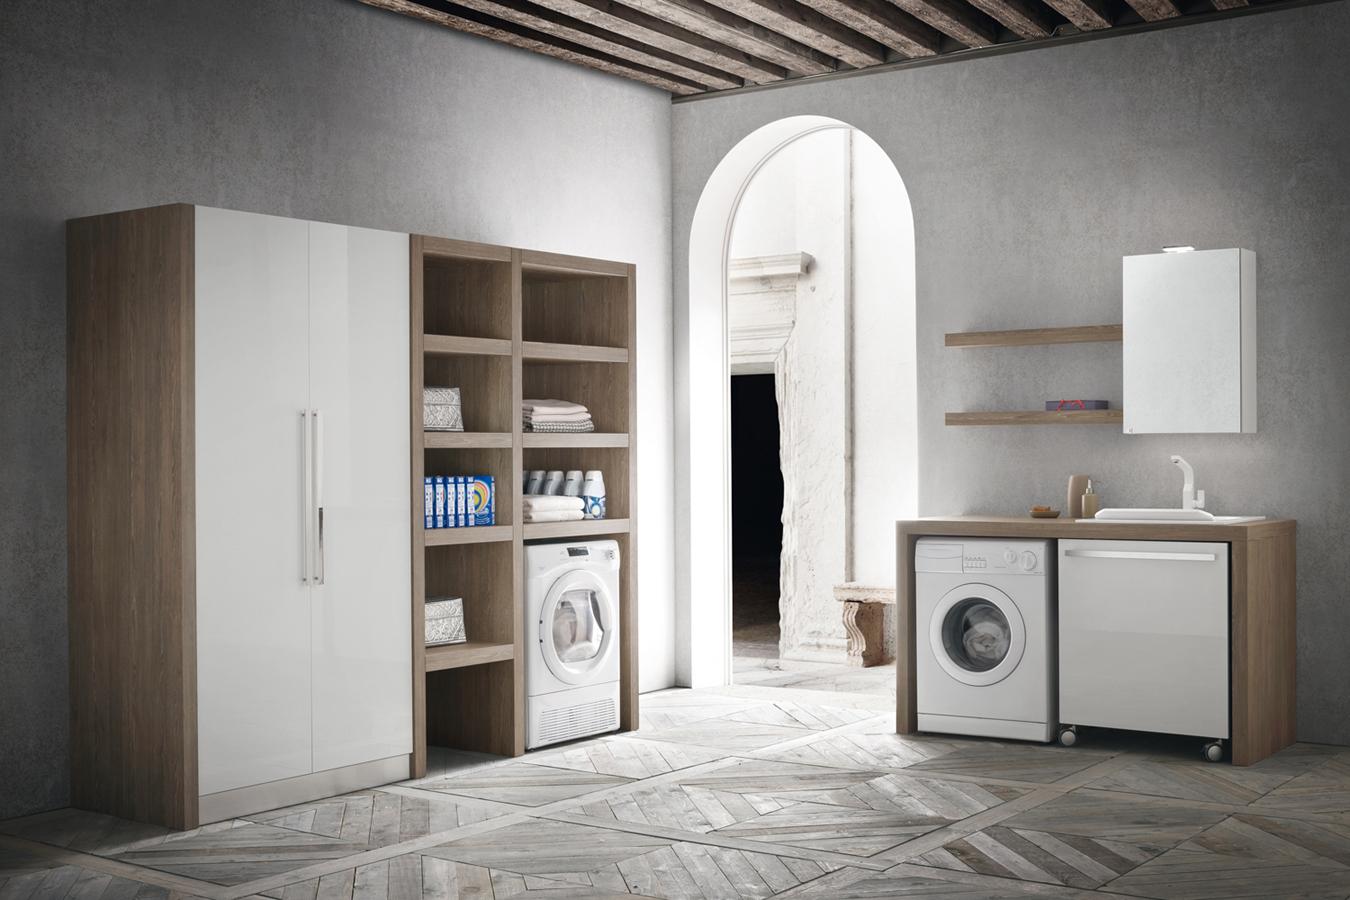 Arredo bagno lavanderia italiana righetti mobili novara - Arredo per lavanderia di casa ...